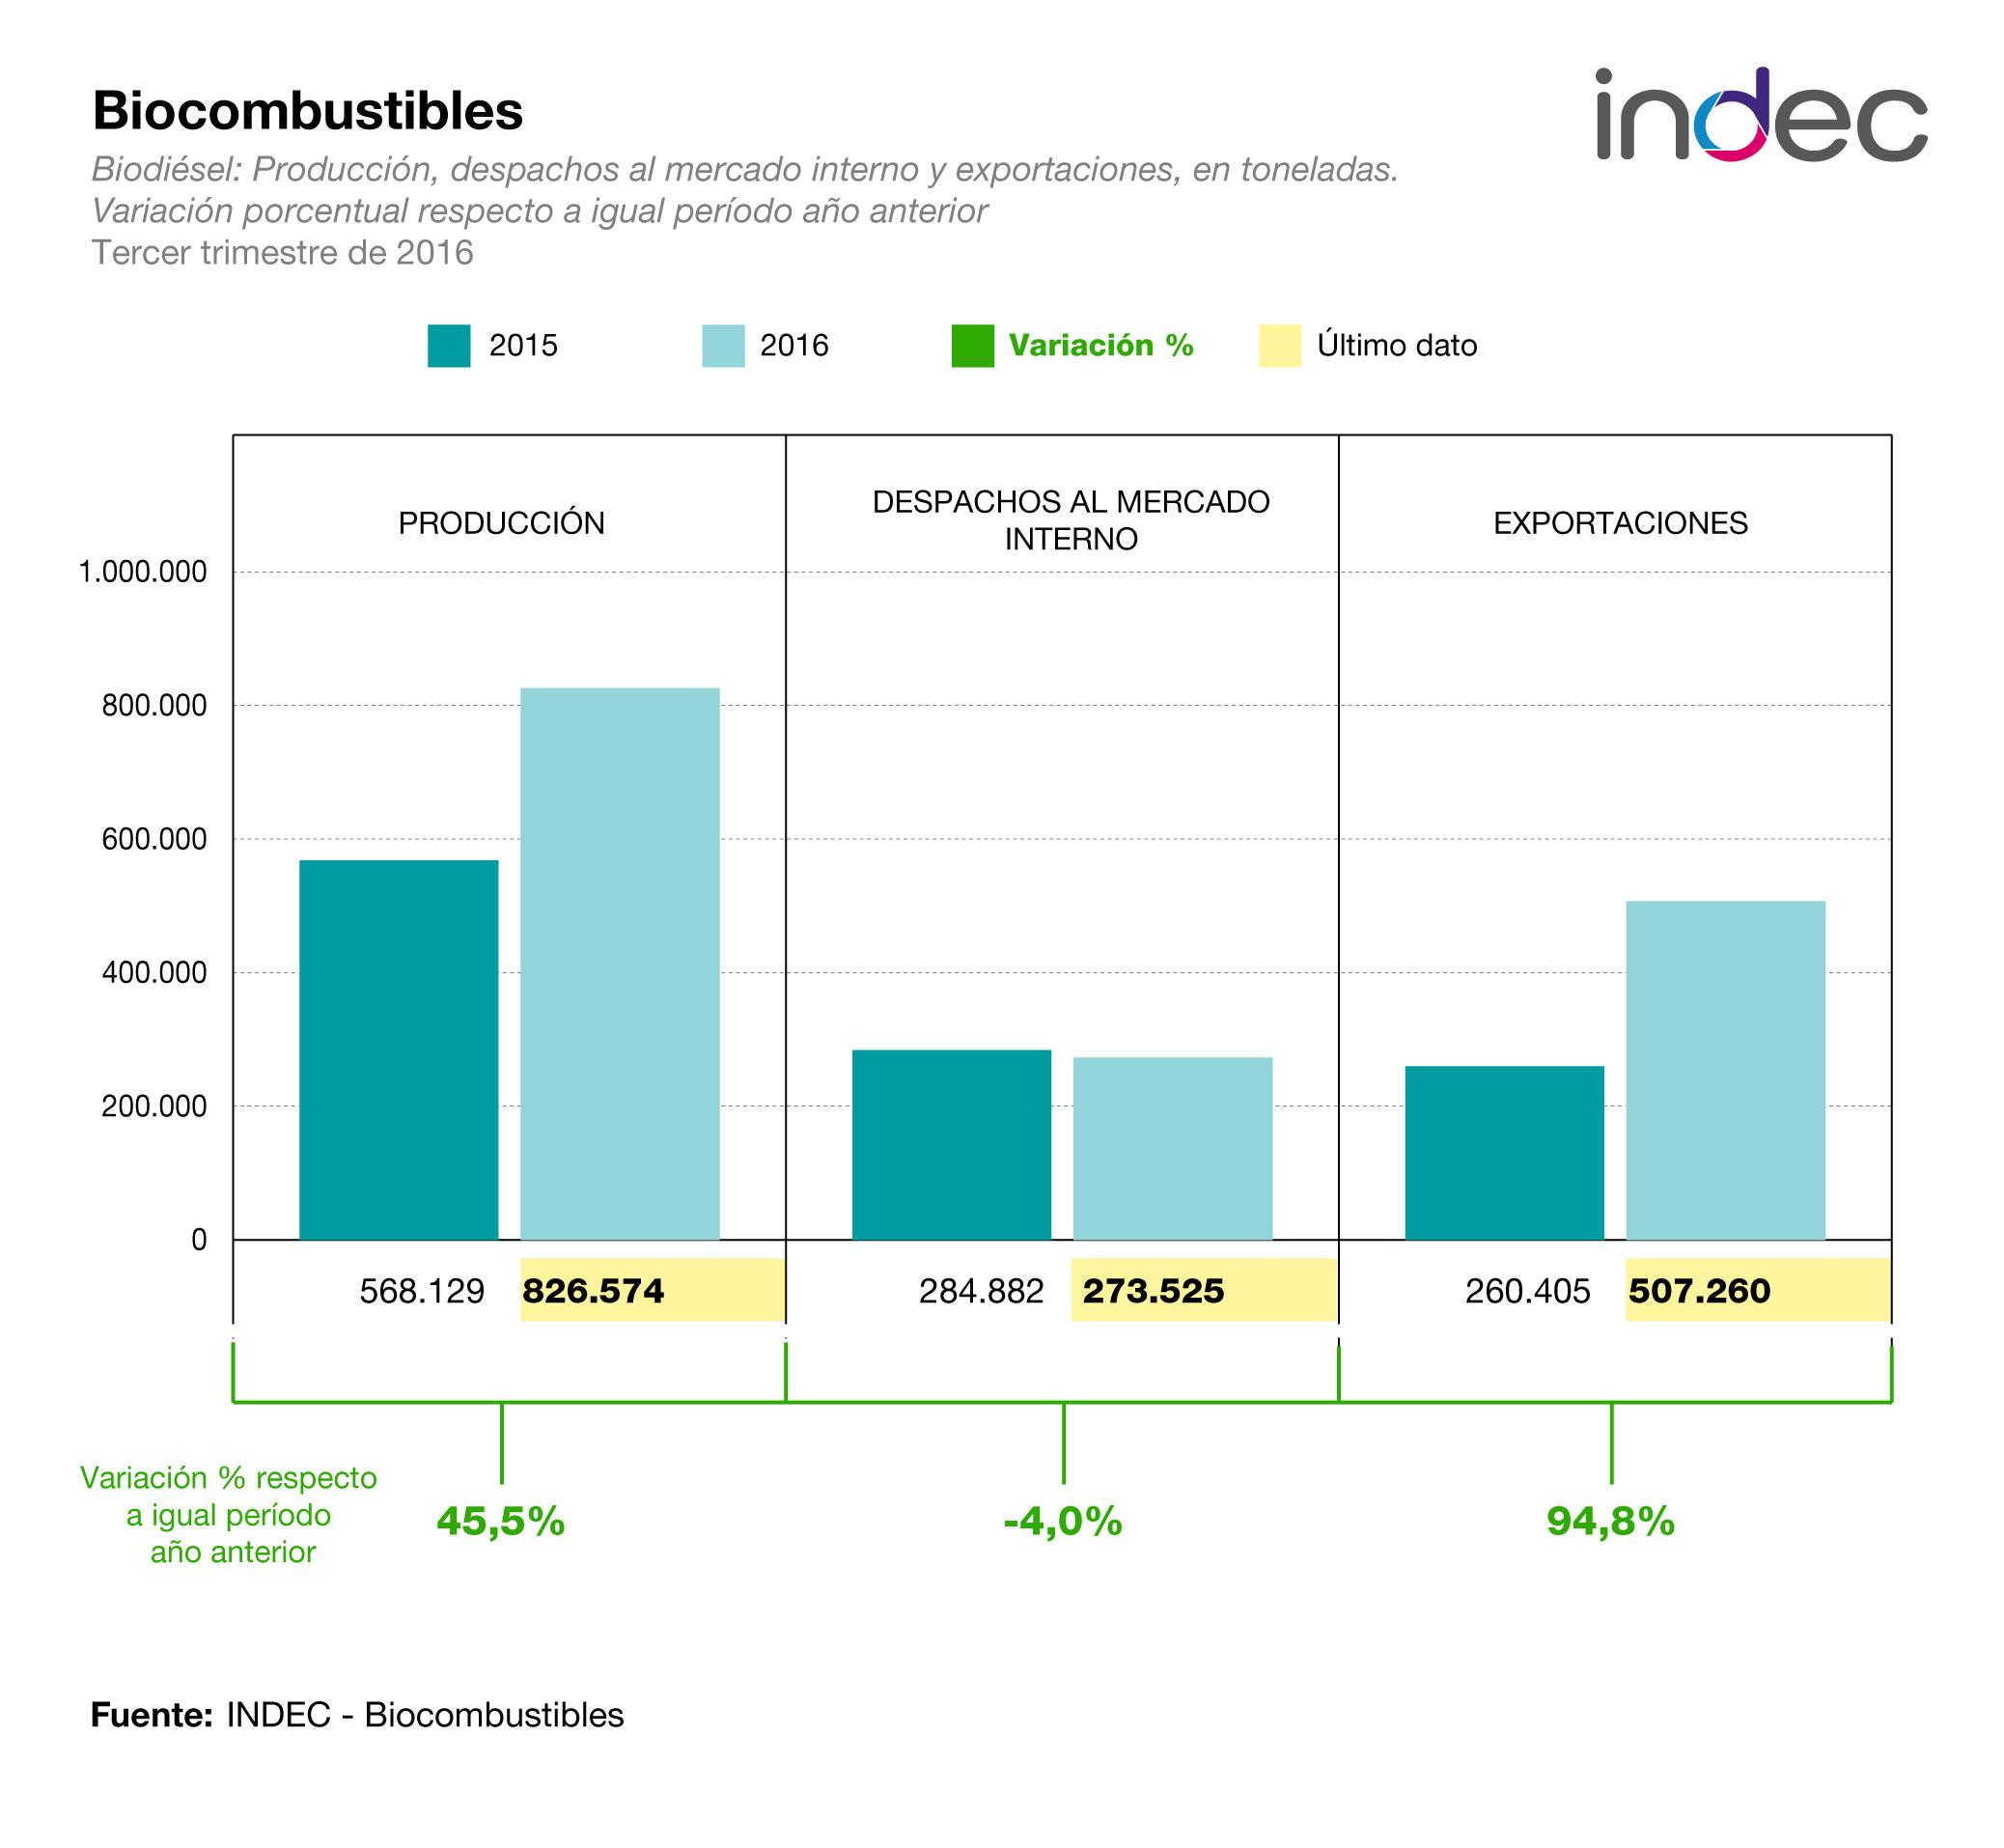 infografia_biocombustibles_11_16